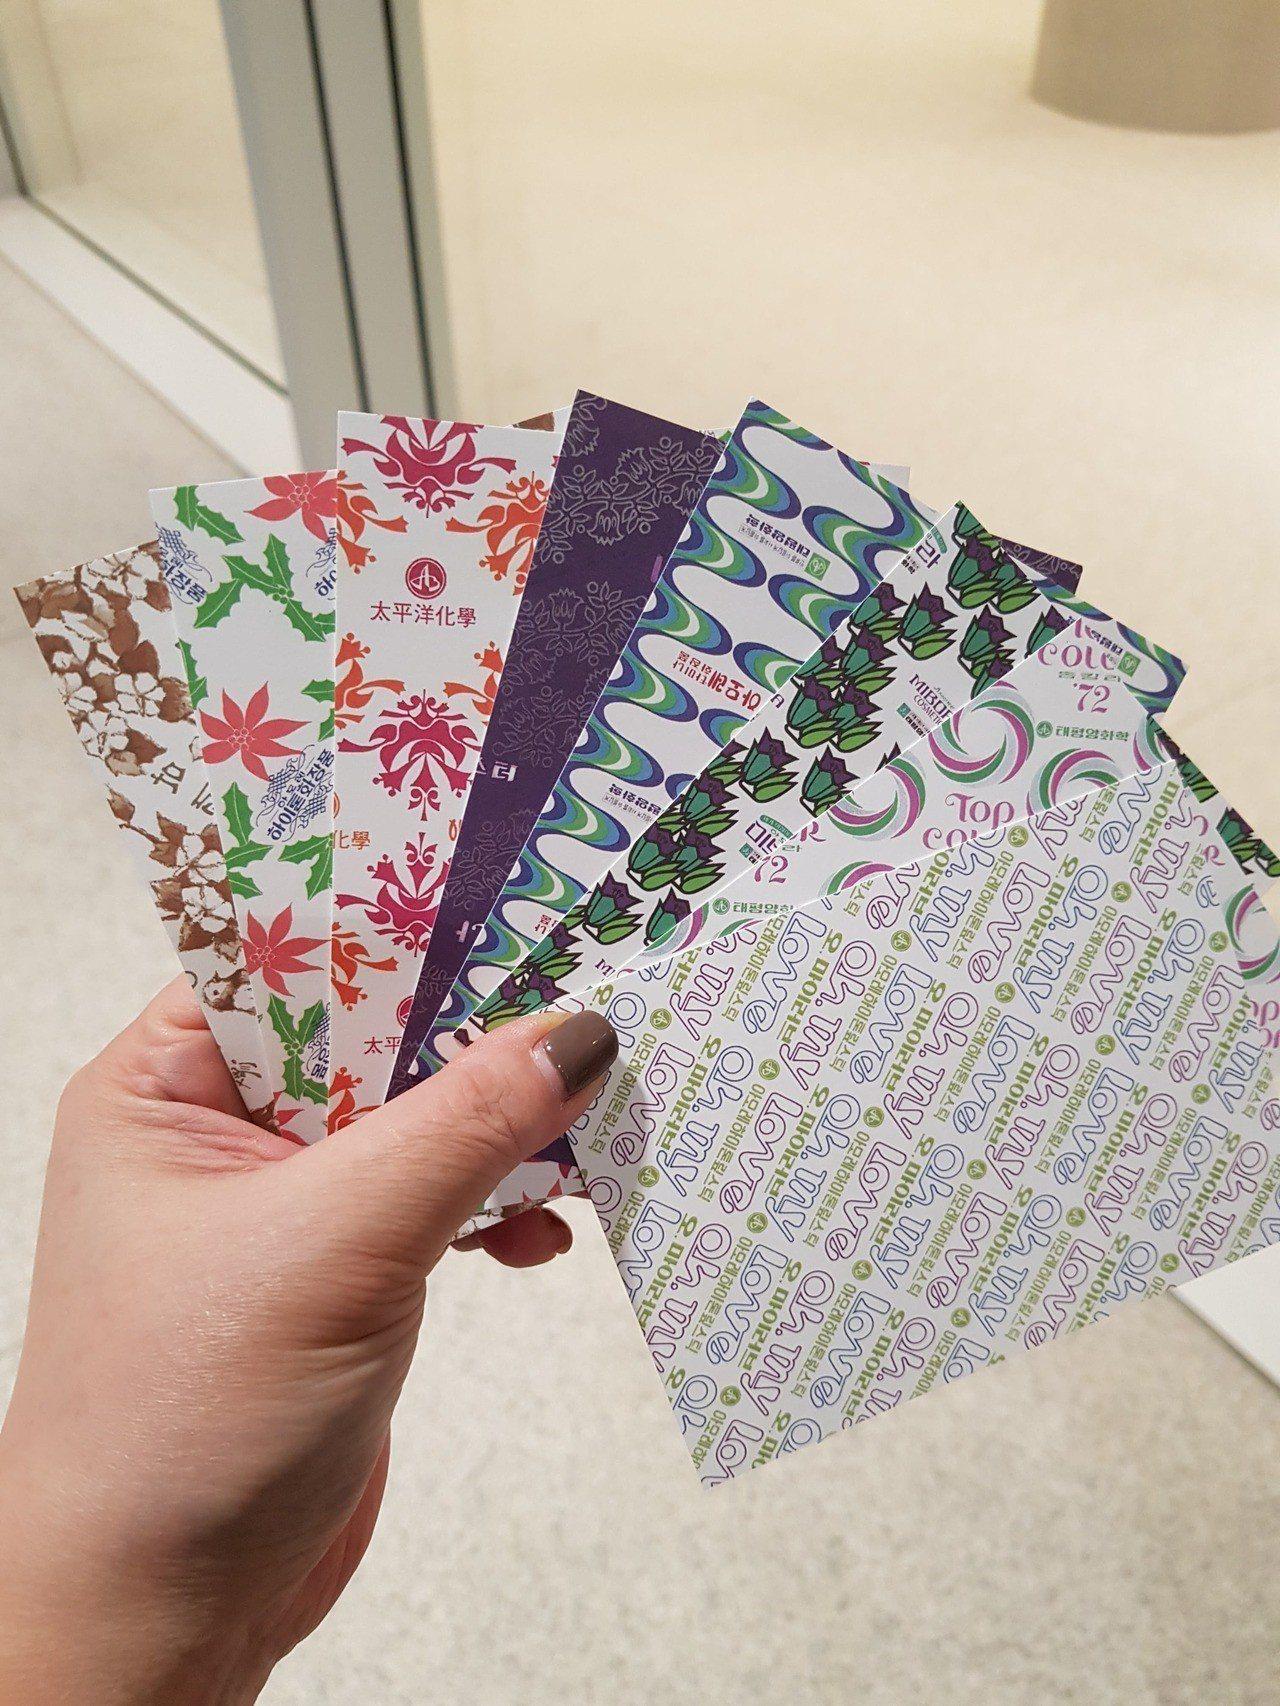 以愛茉莉太平洋集團多年來包裝所設計的明信片,在檔案館可自由拿取。記者陳立儀/攝影